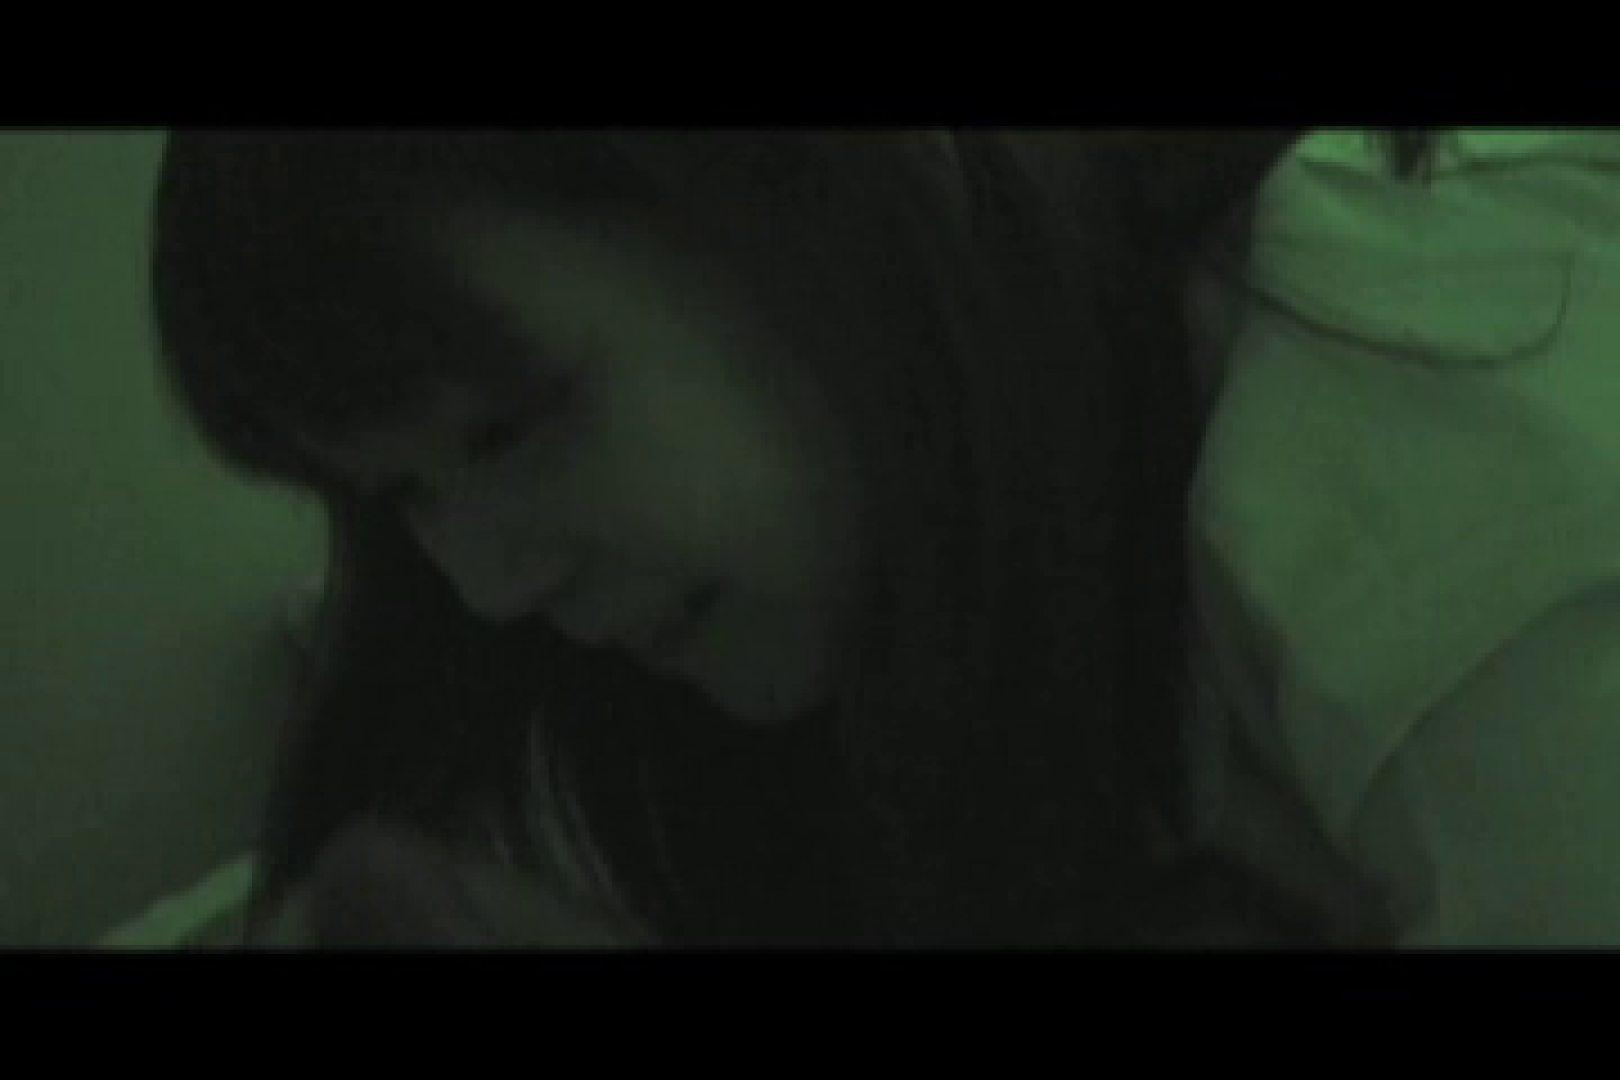 ヤリマンと呼ばれた看護士さんvol3 一般投稿 盗み撮り動画 73枚 44